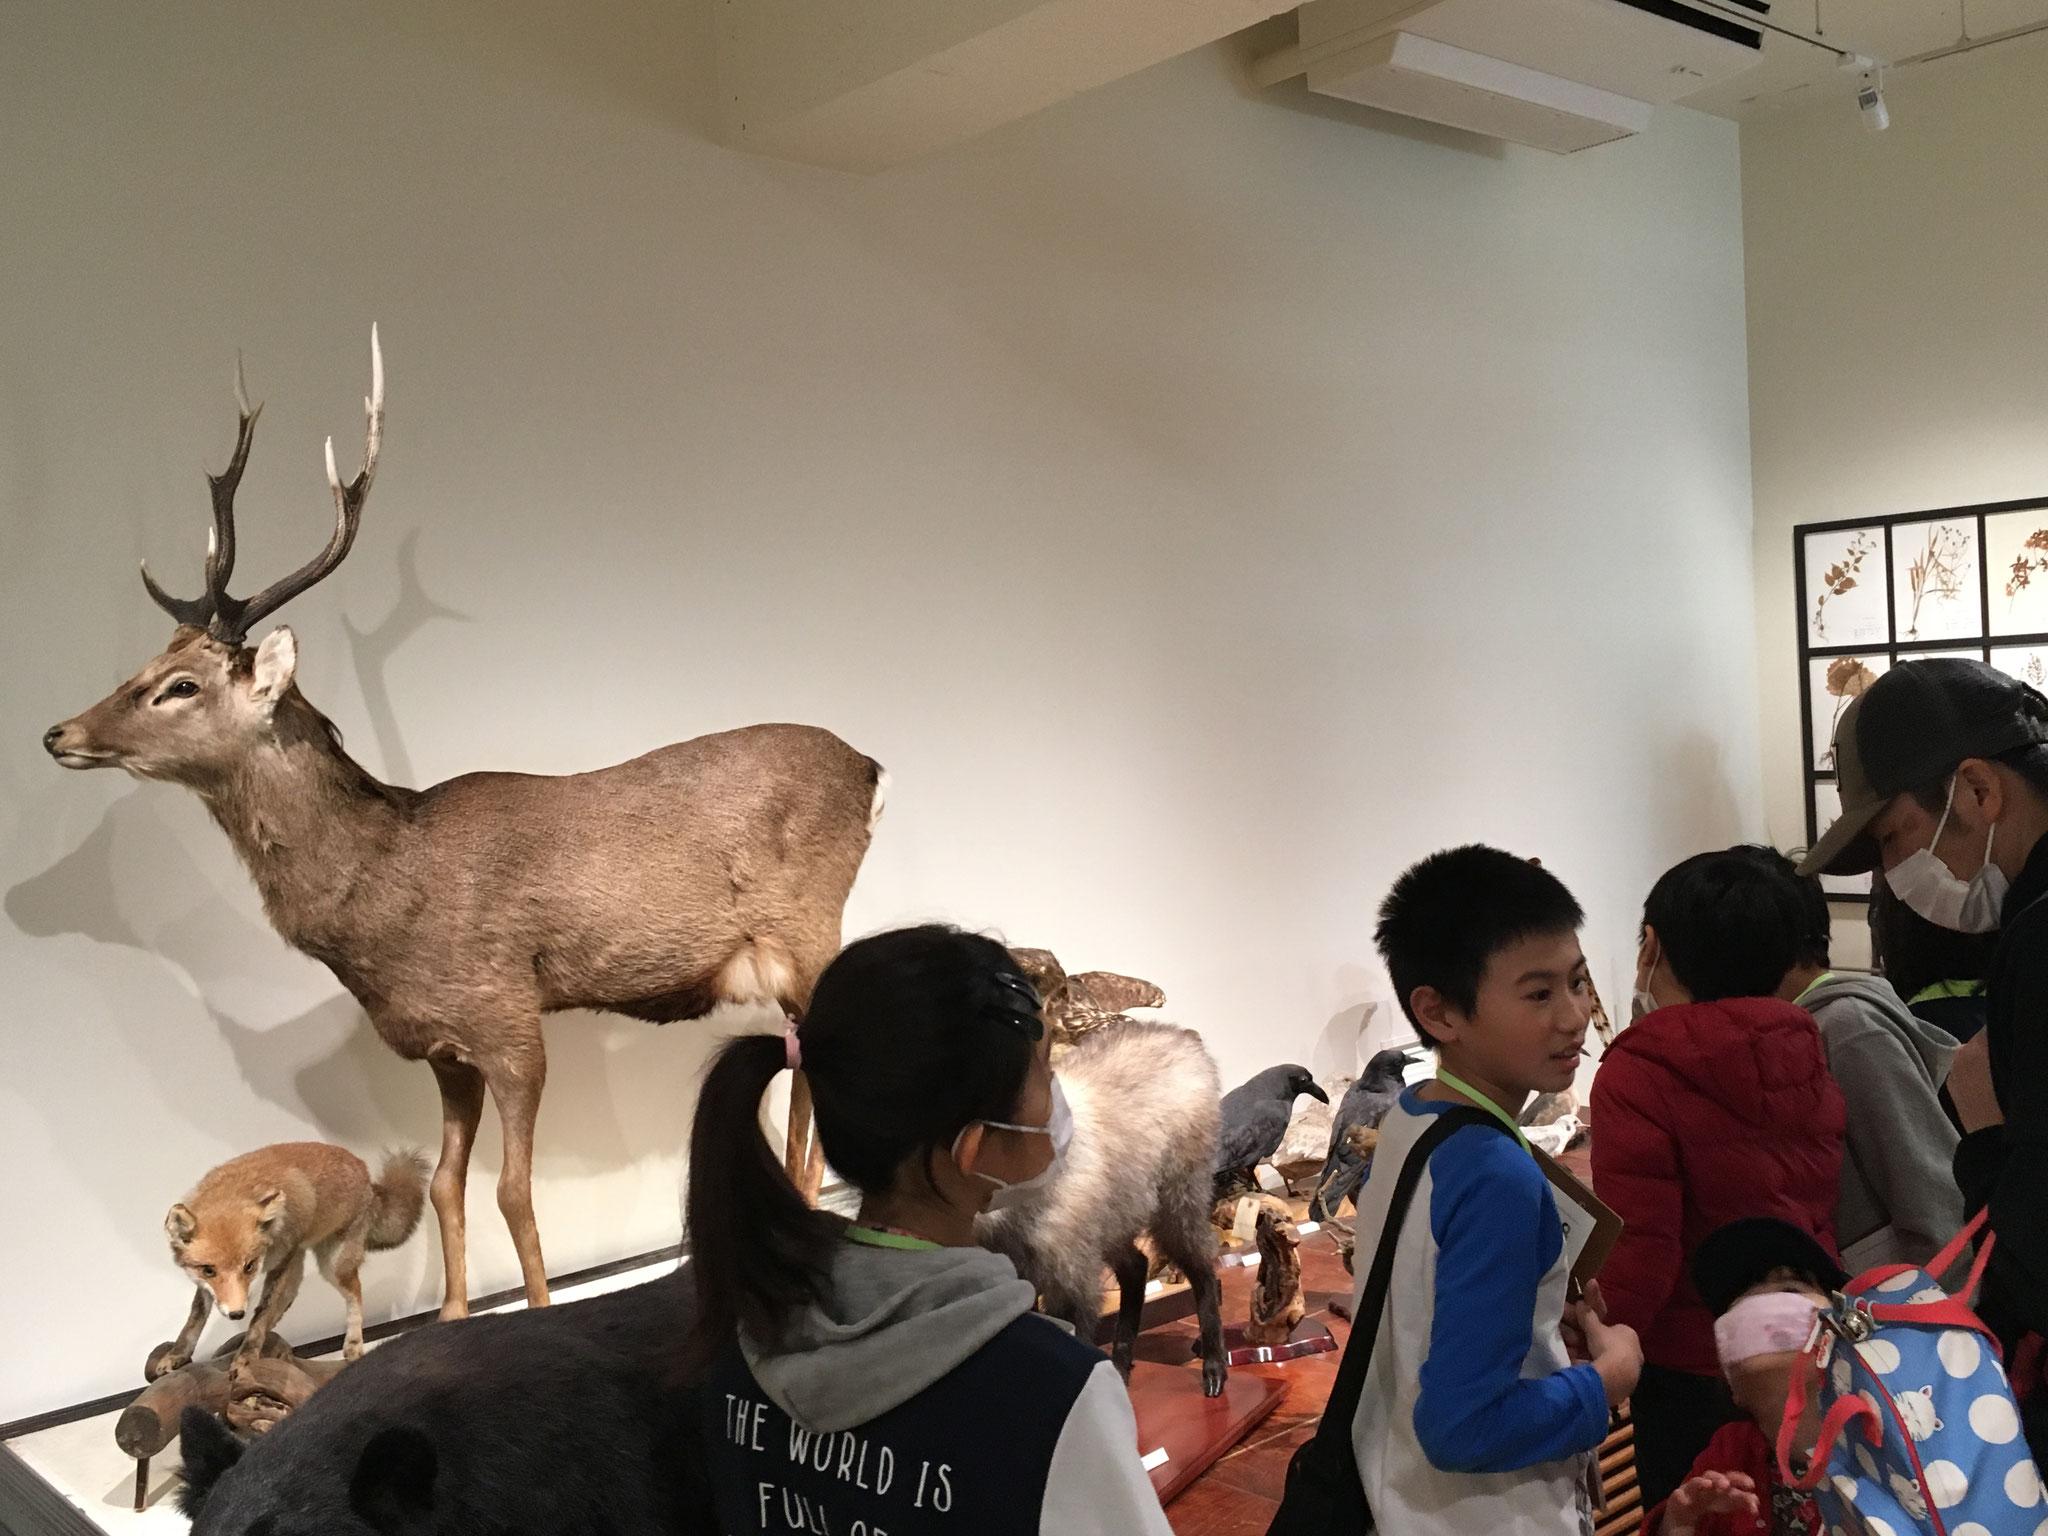 静岡県の多様な生物を標本で展示